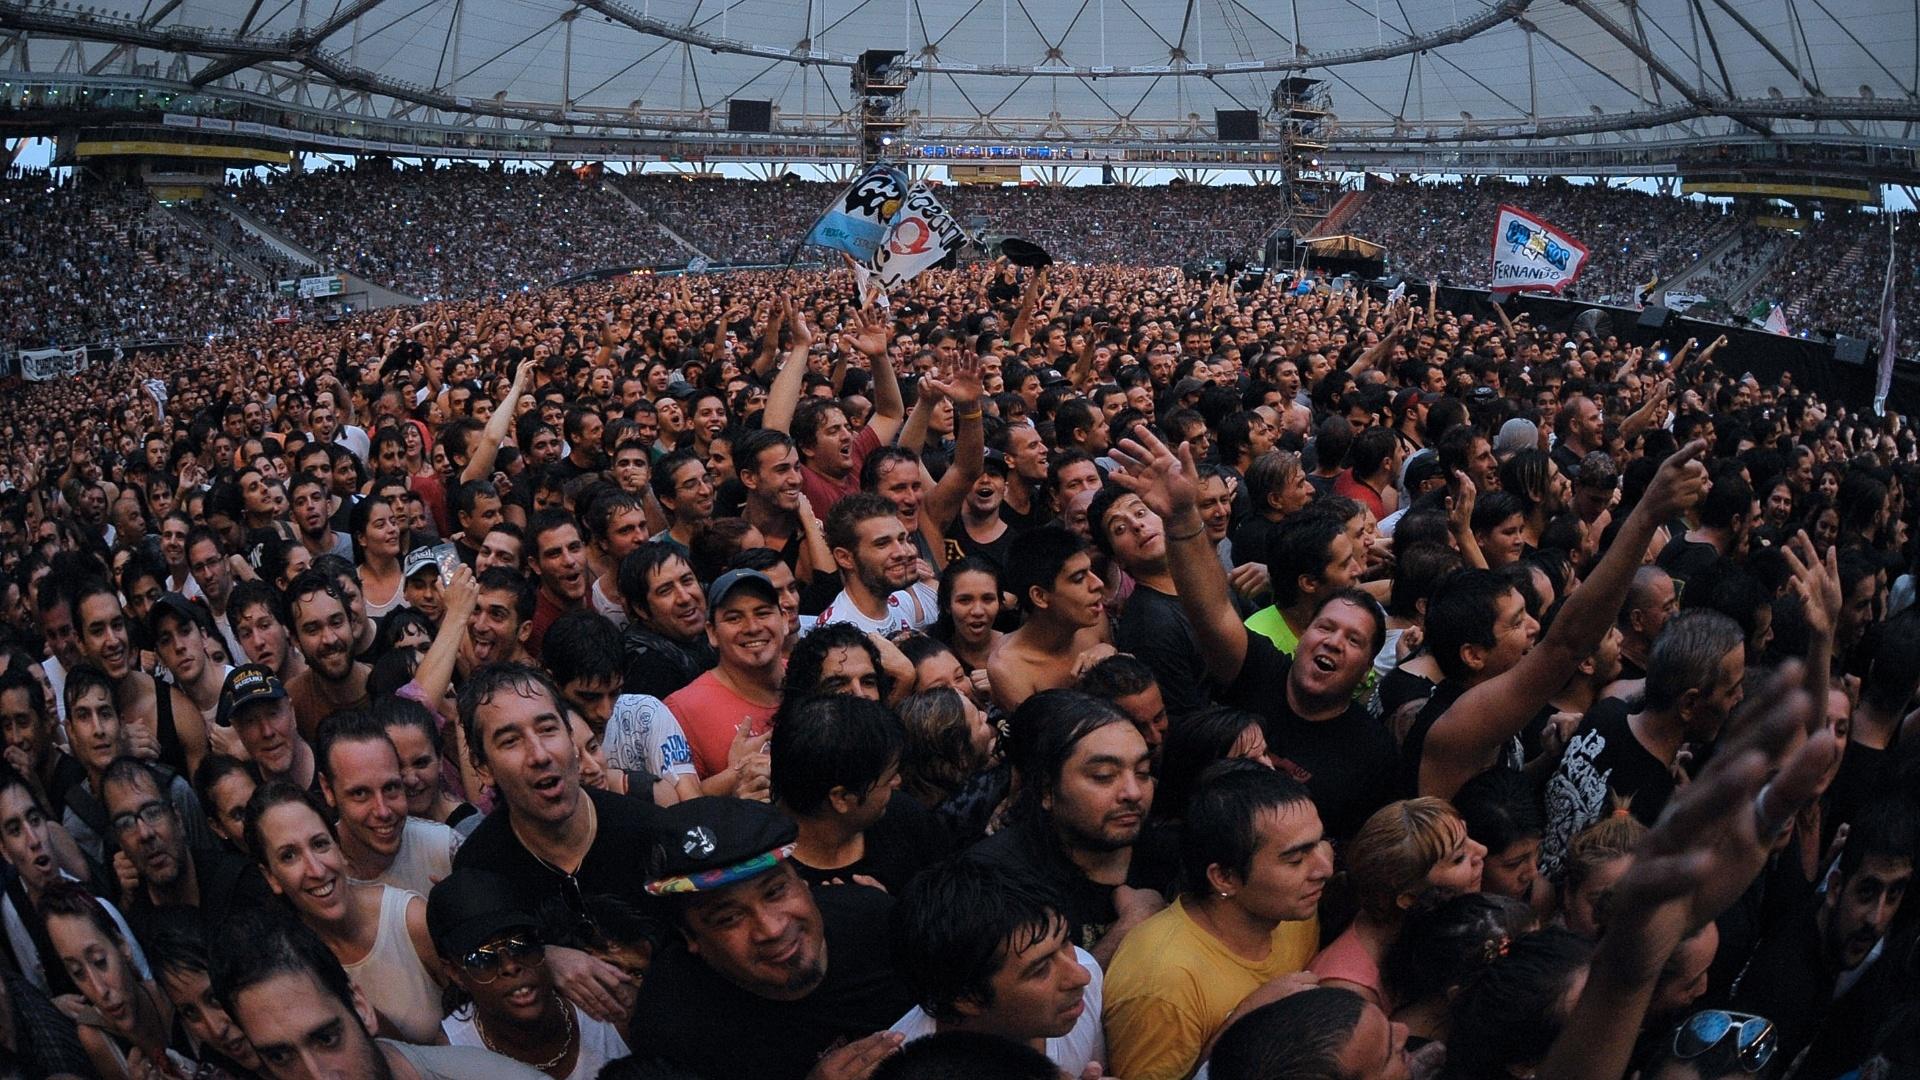 07.fev.2016 - Os Rolling Stones fazem o segundo show da turnê Olé, na Argentina